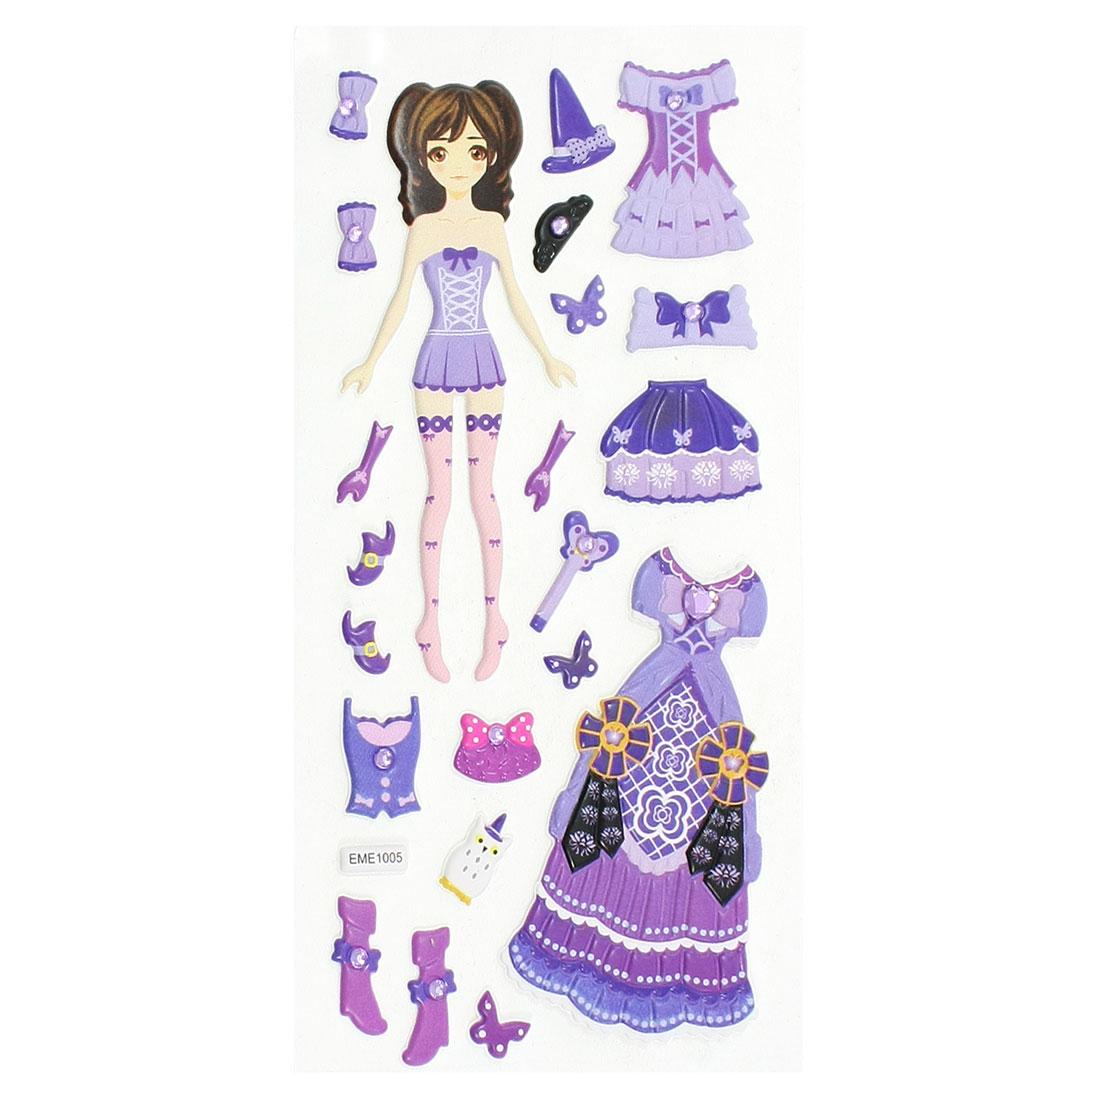 Kids Plastic DIY Rhinestone Inlaid Dress Up Princess 3D Sticker Sheet Purple